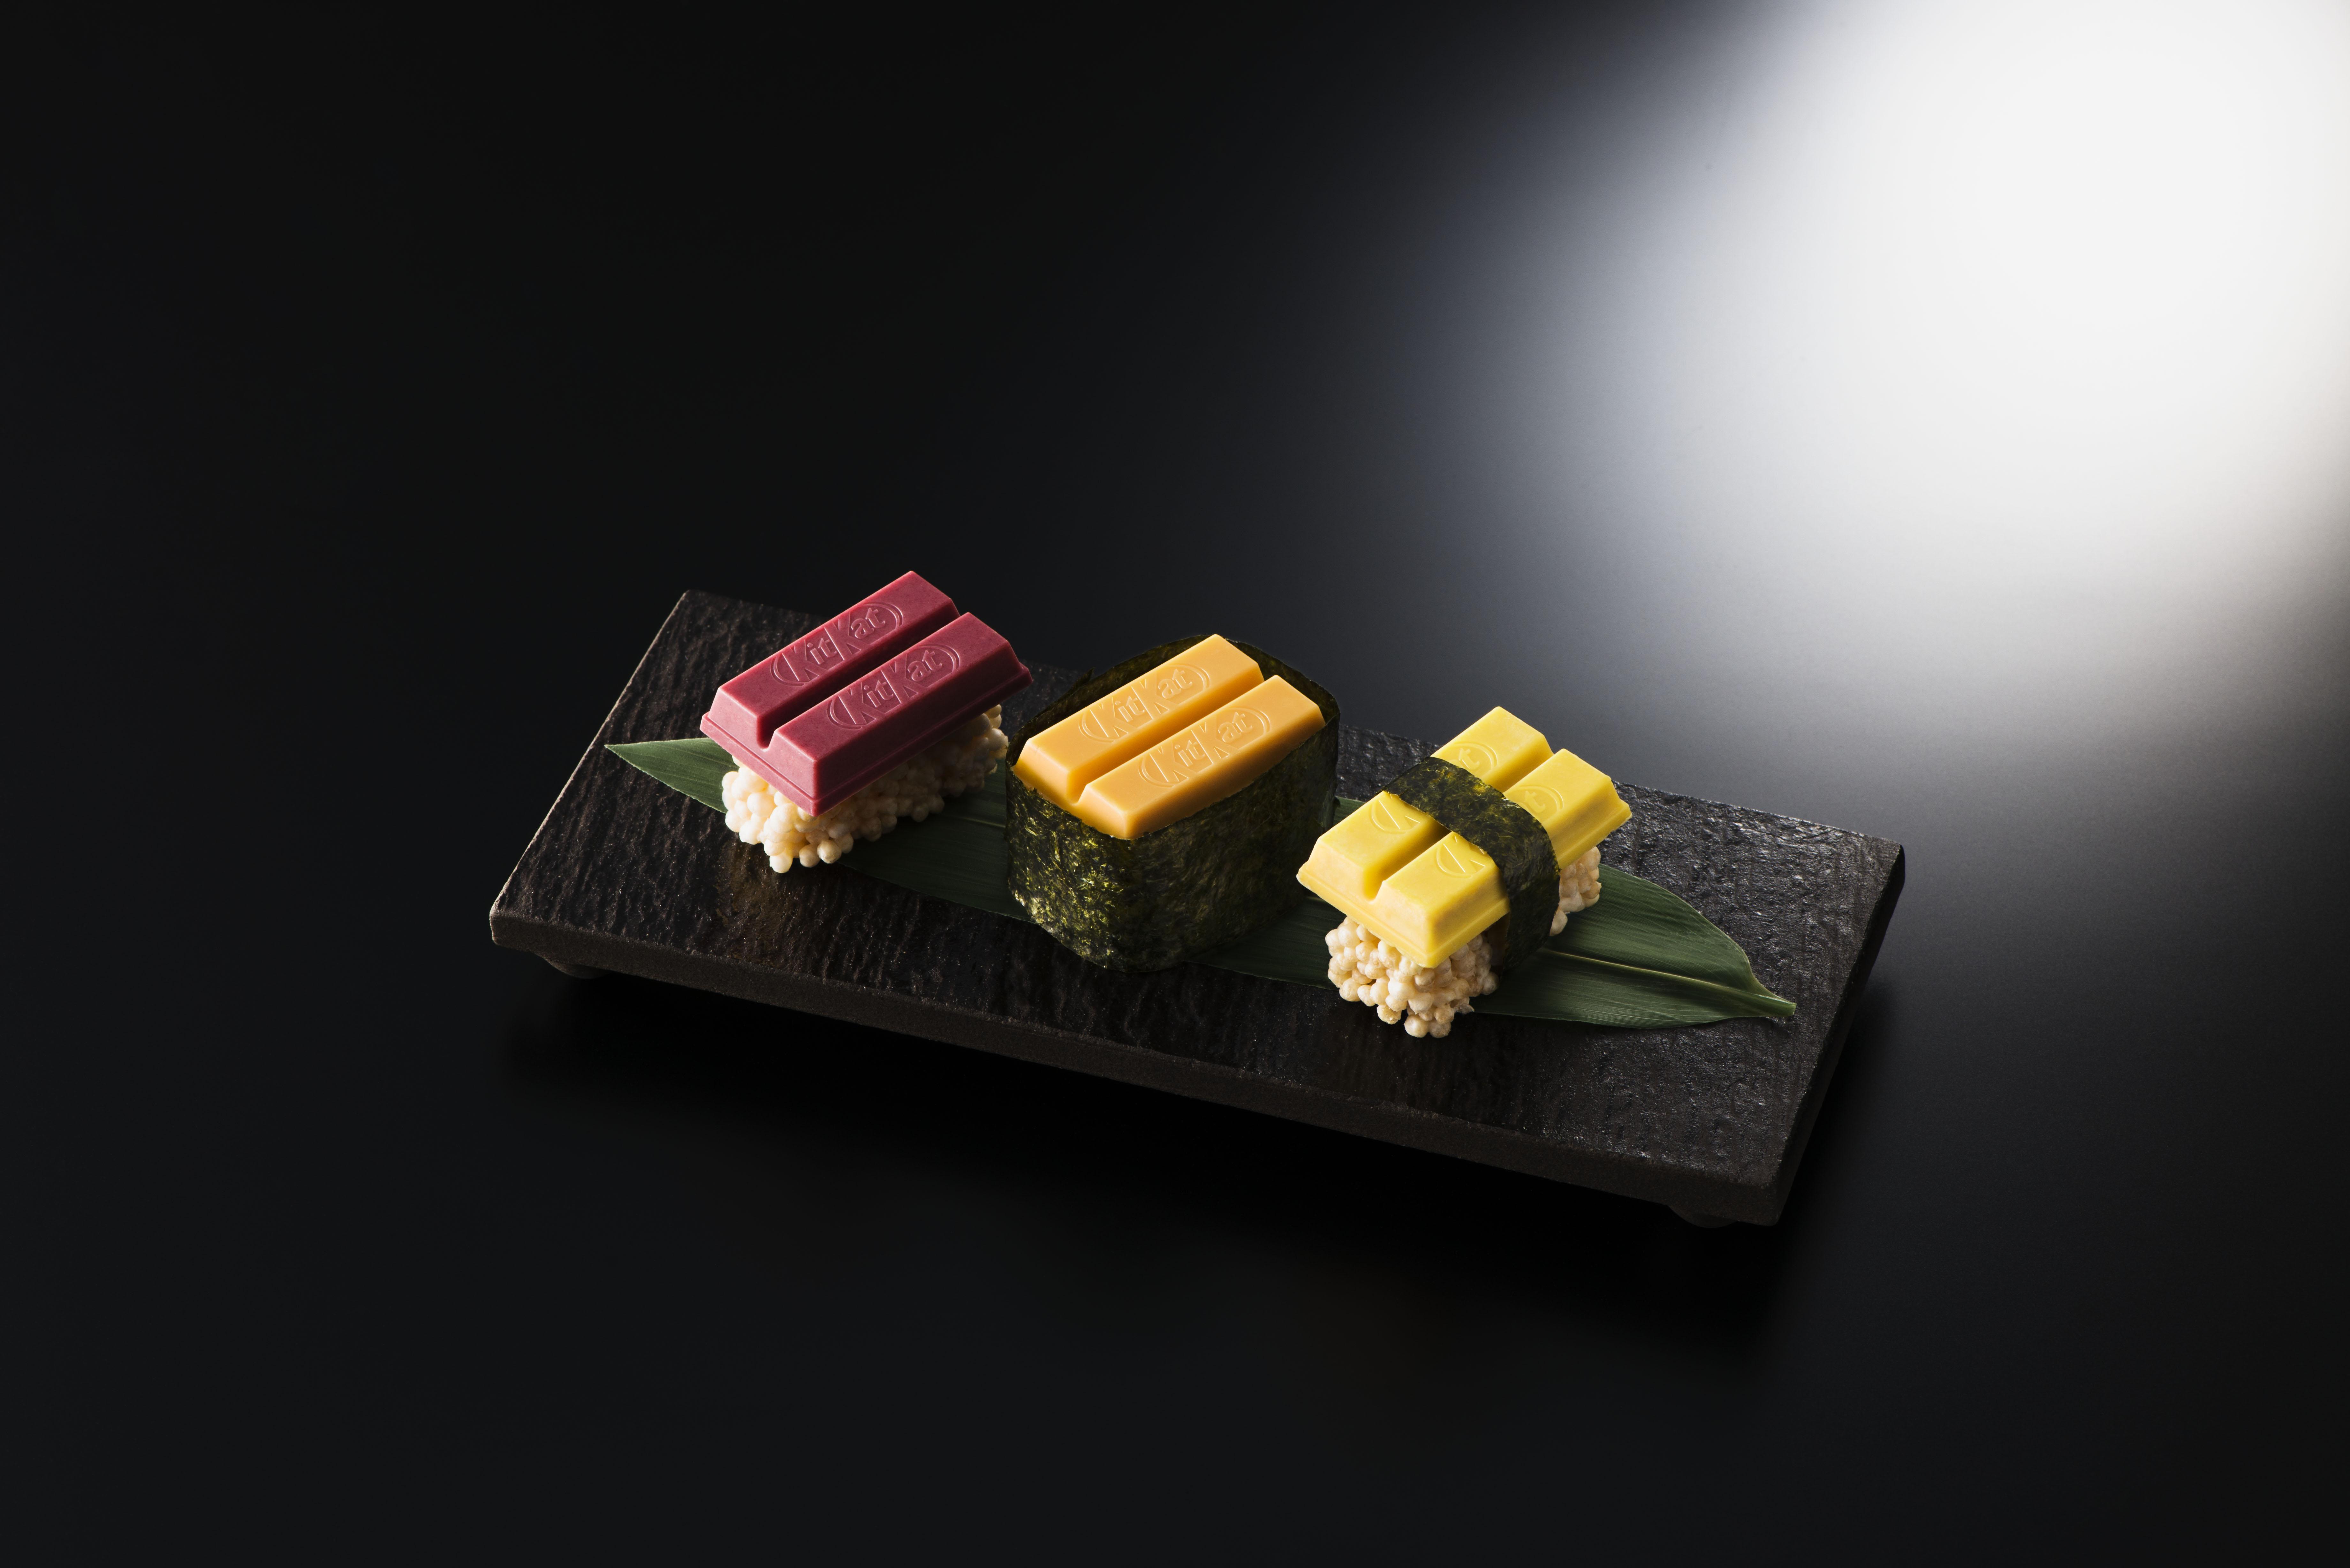 São três sabores representados: atum, ovas de ouriço e omelete.